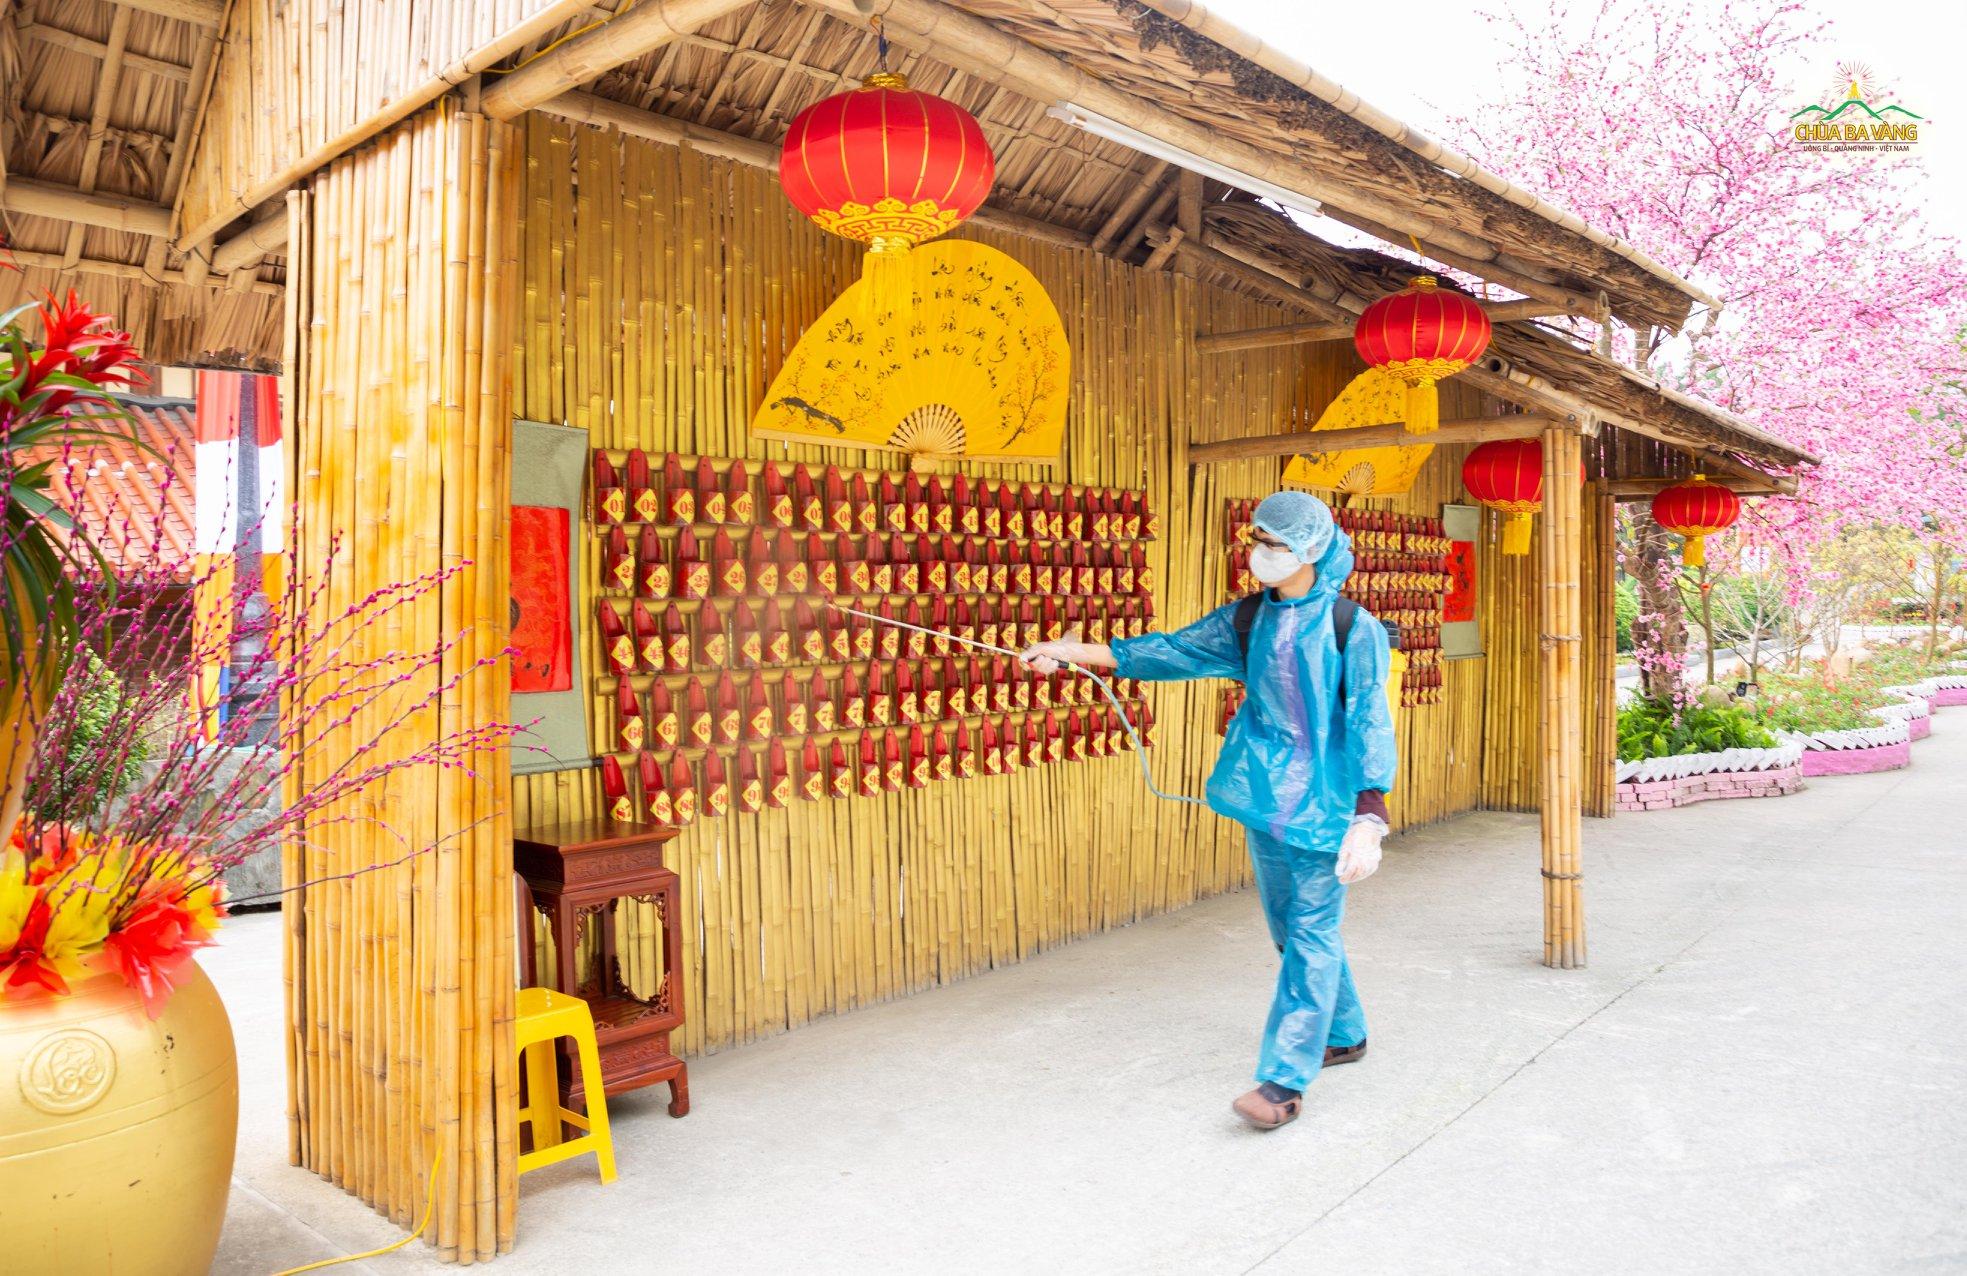 Và còn nhiều khu vực khác tại Chùa Ba Vàng Phật Tử cũng phun thuốc khử trùng dể phòng chống dịch bệnh viêm đường hô hấp cấp Covid-19 (nCoV)